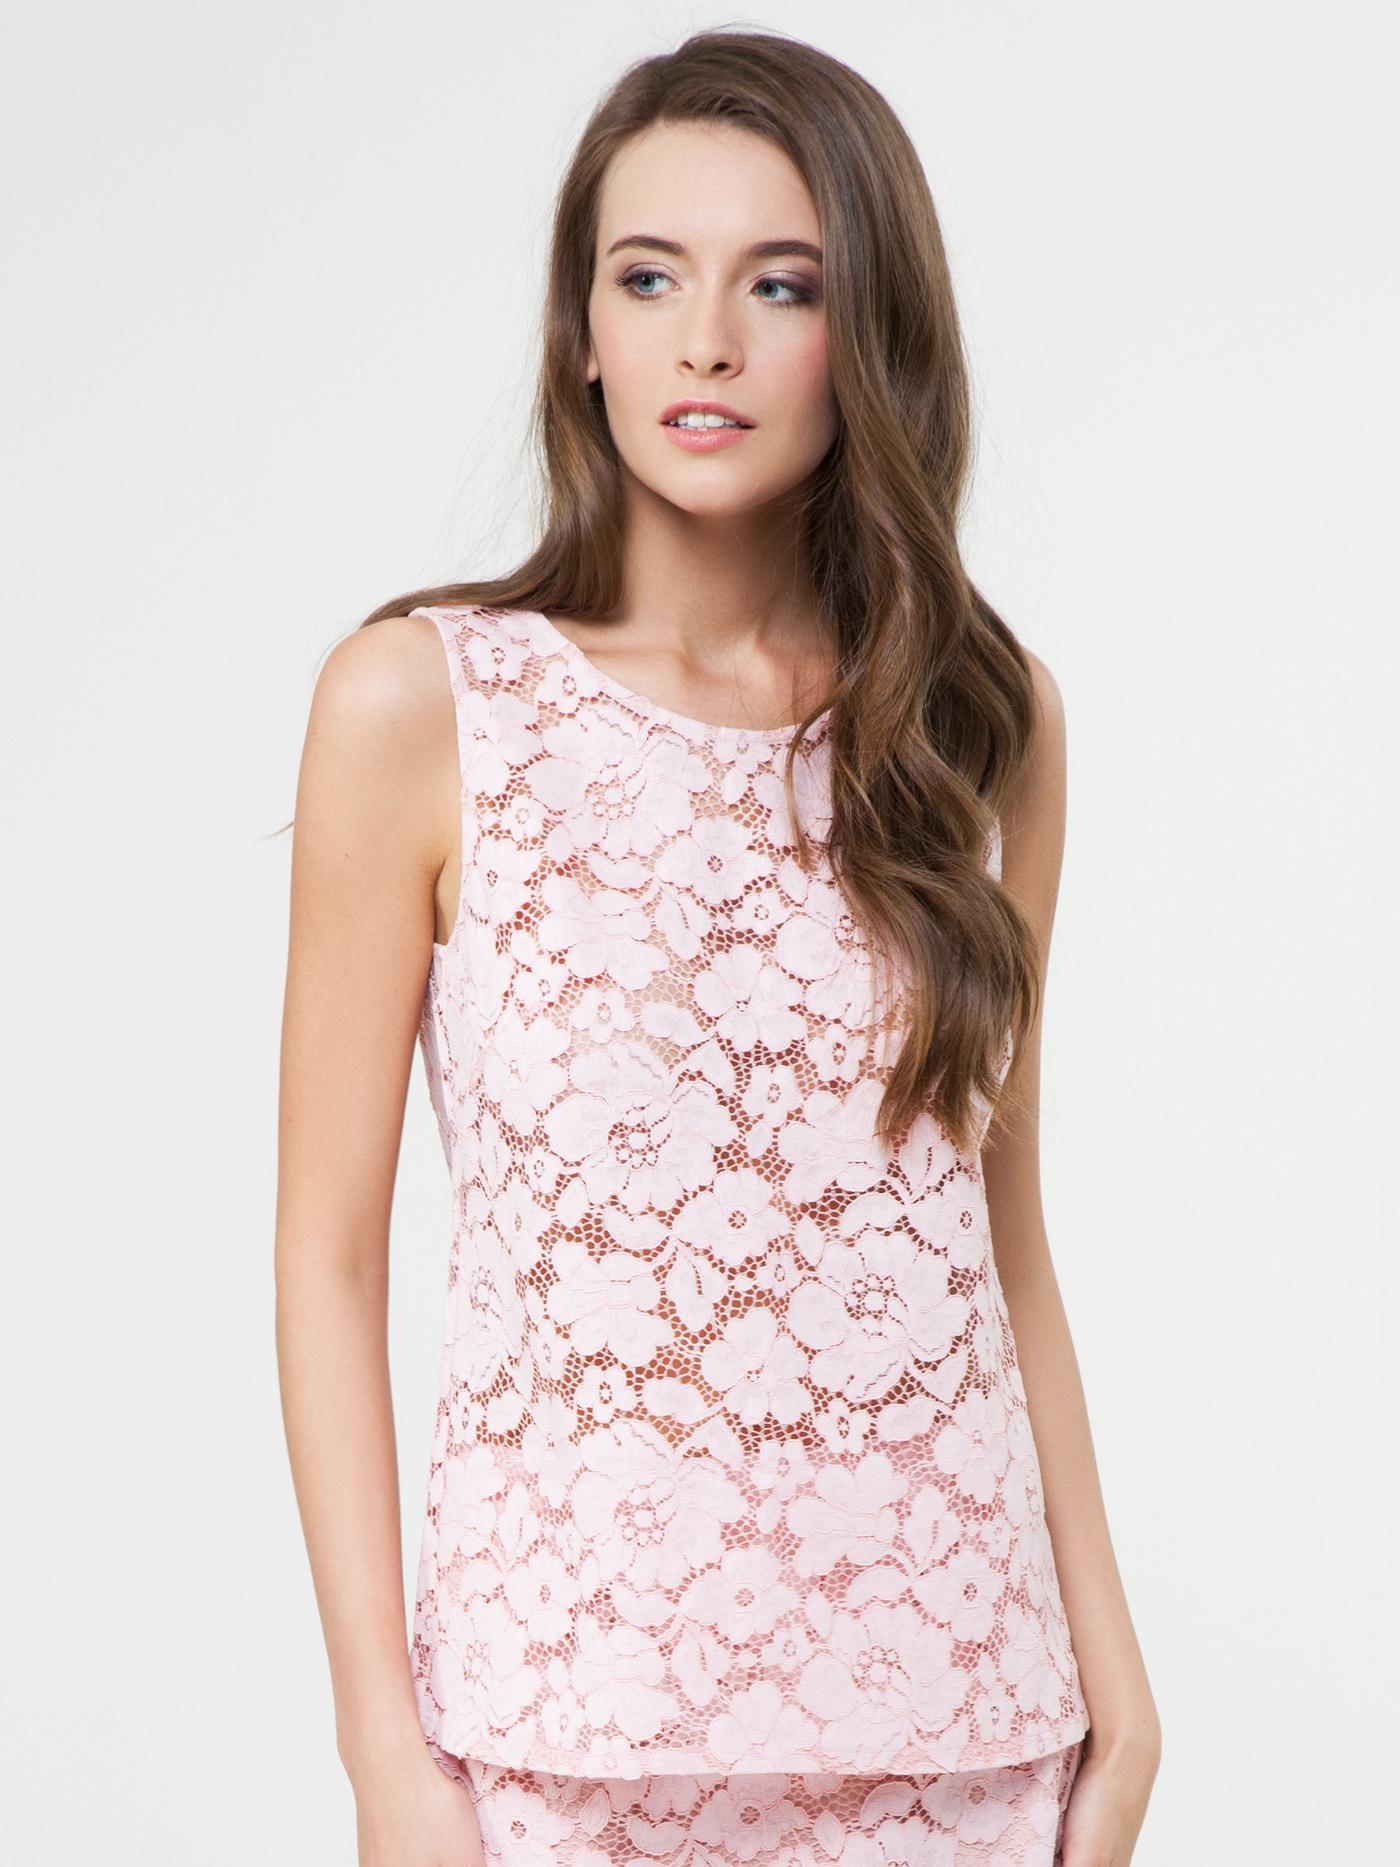 Купить Майка croisette rosalia lace, Розовый зефир, 45% ХЛОПОК; 30% ВИ; 25% ПА